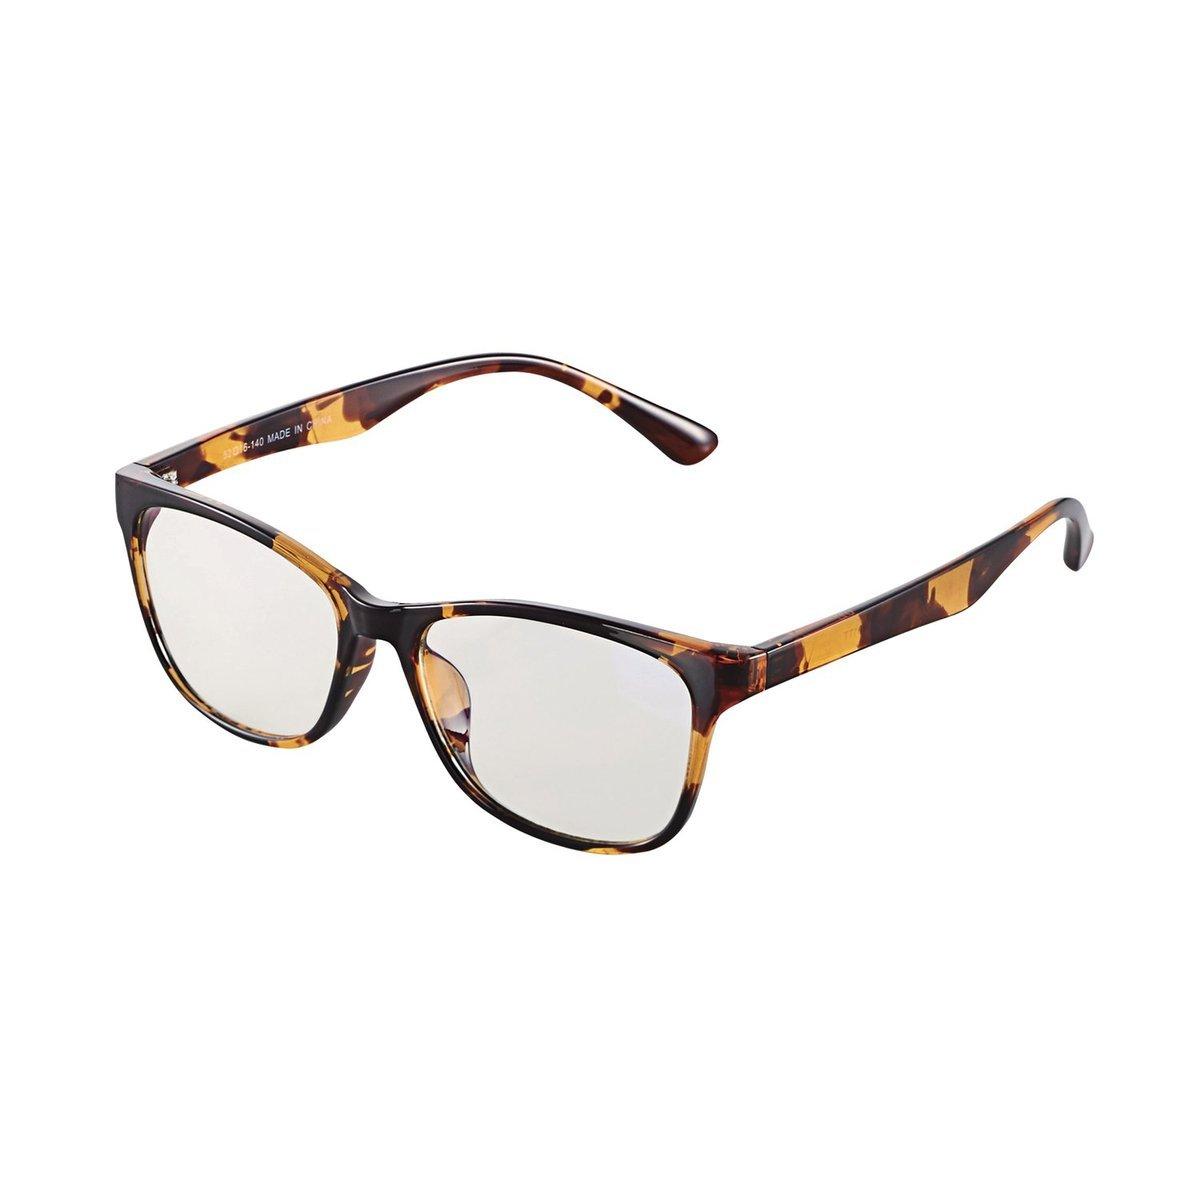 方框防藍光眼鏡(琥珀色)